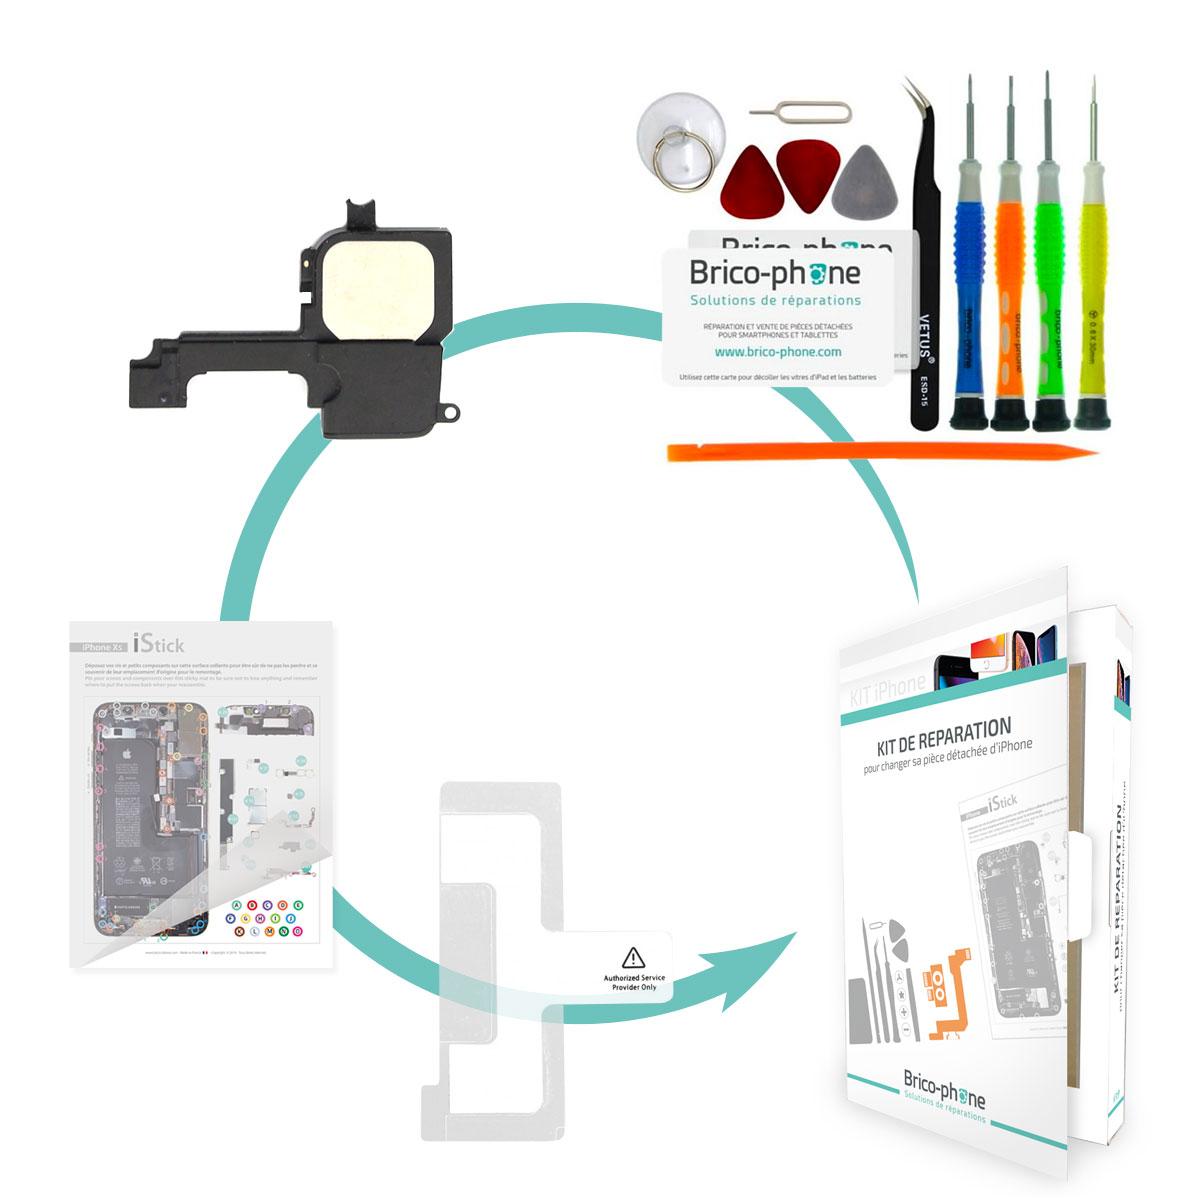 Kit Brico-phone pour changer le haut parleur externe iPhone 5